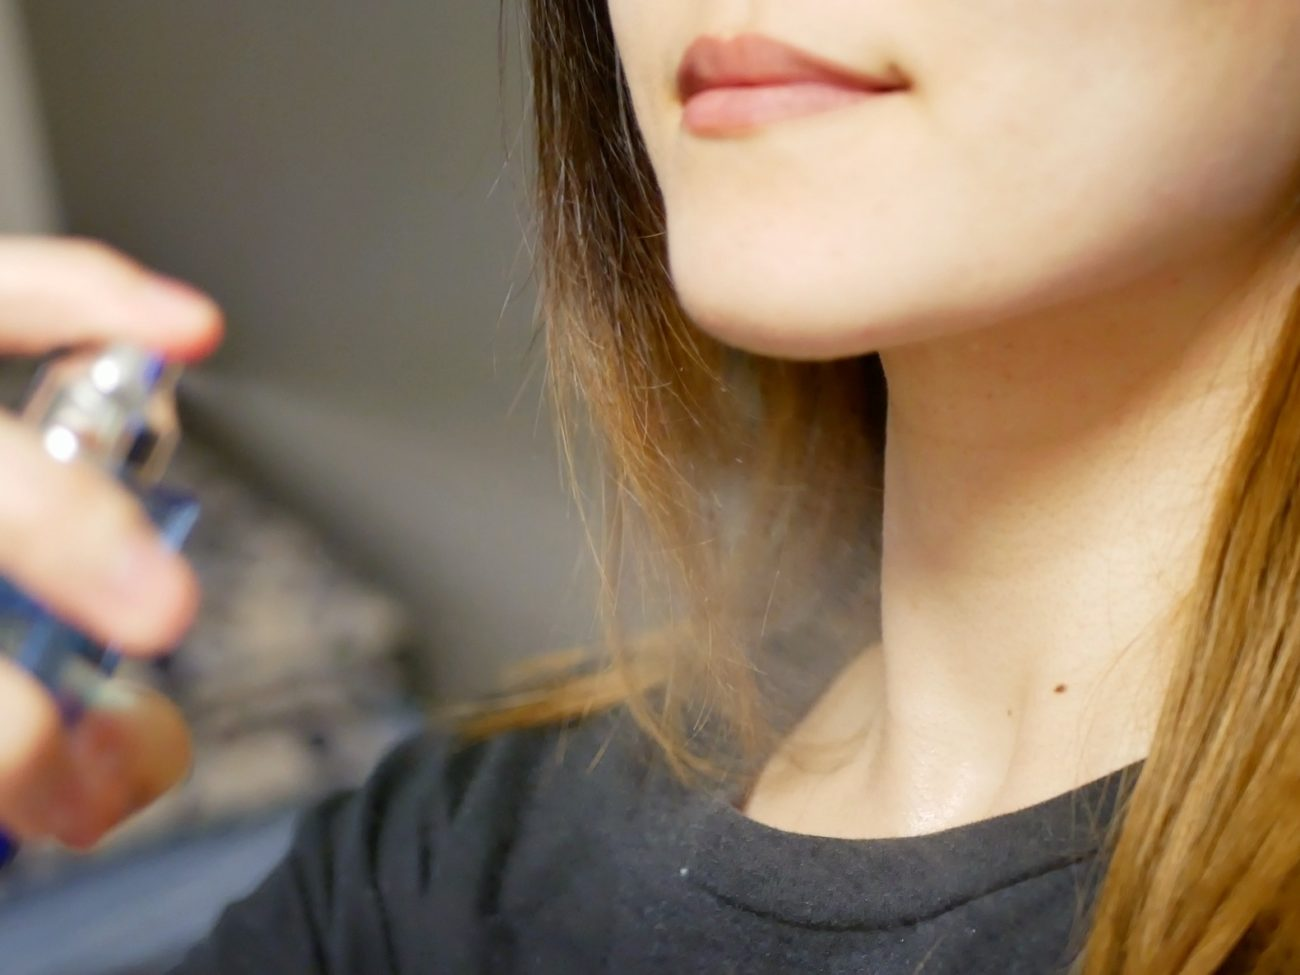 【いまどきの香水の付け方】体のどこに付けるのが流行りなの?